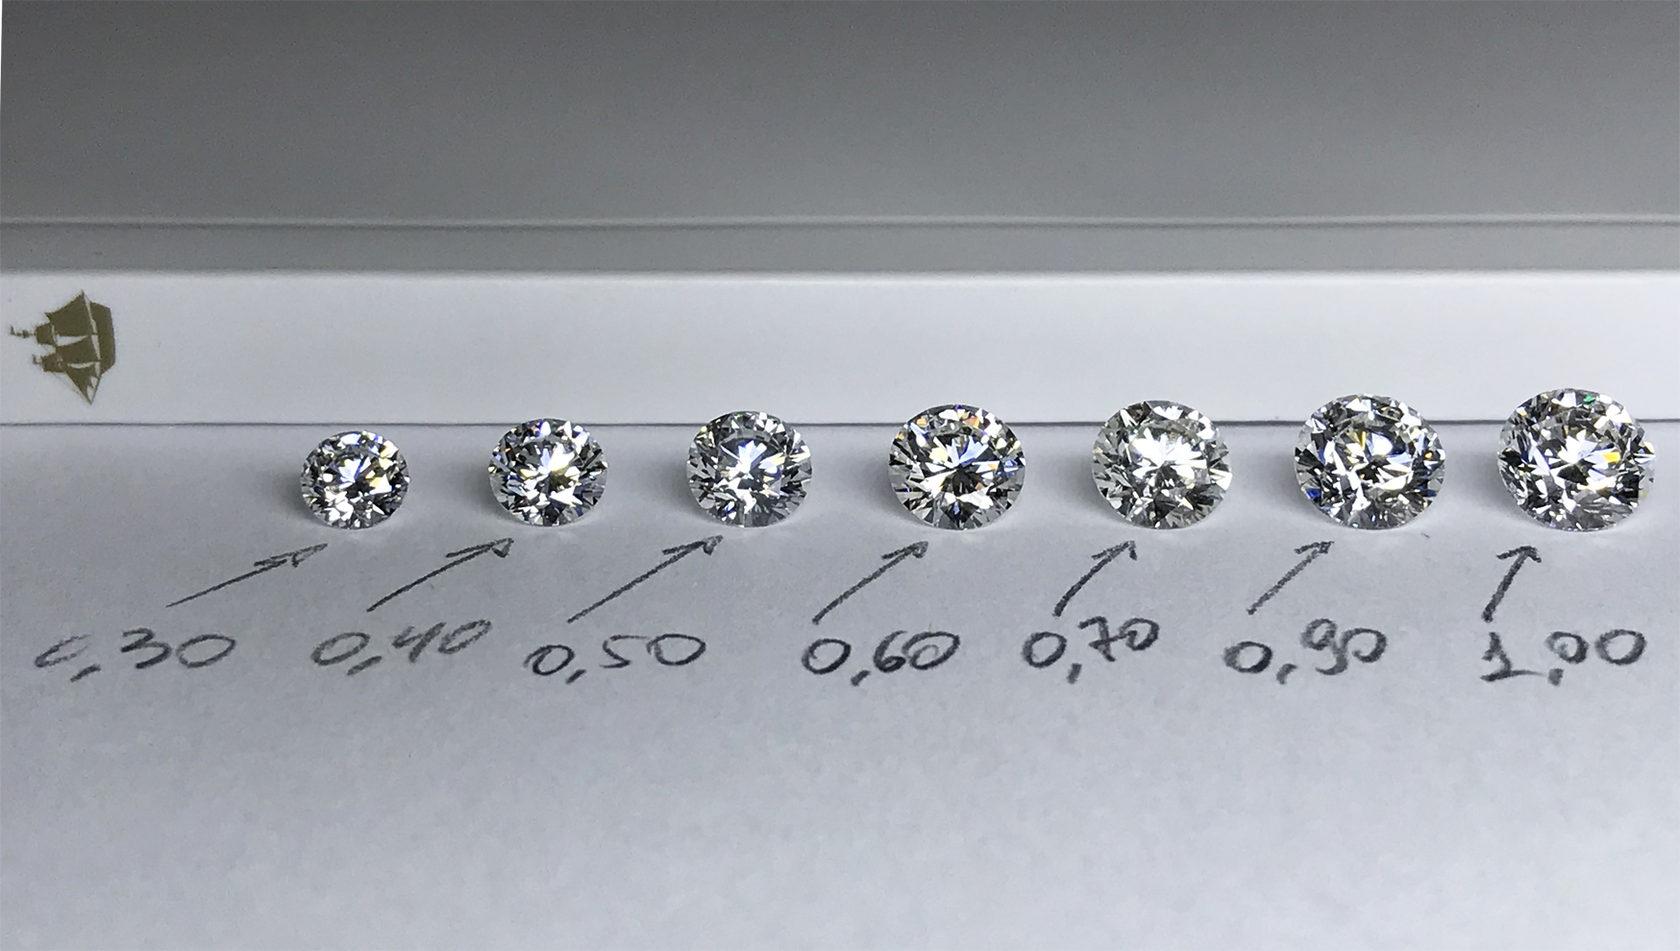 Что такое карат бриллианта: каратность в таблице по диаметру в мм, как определить размеры при разной огранке и от чего зависит цена, самый большой камень в мире